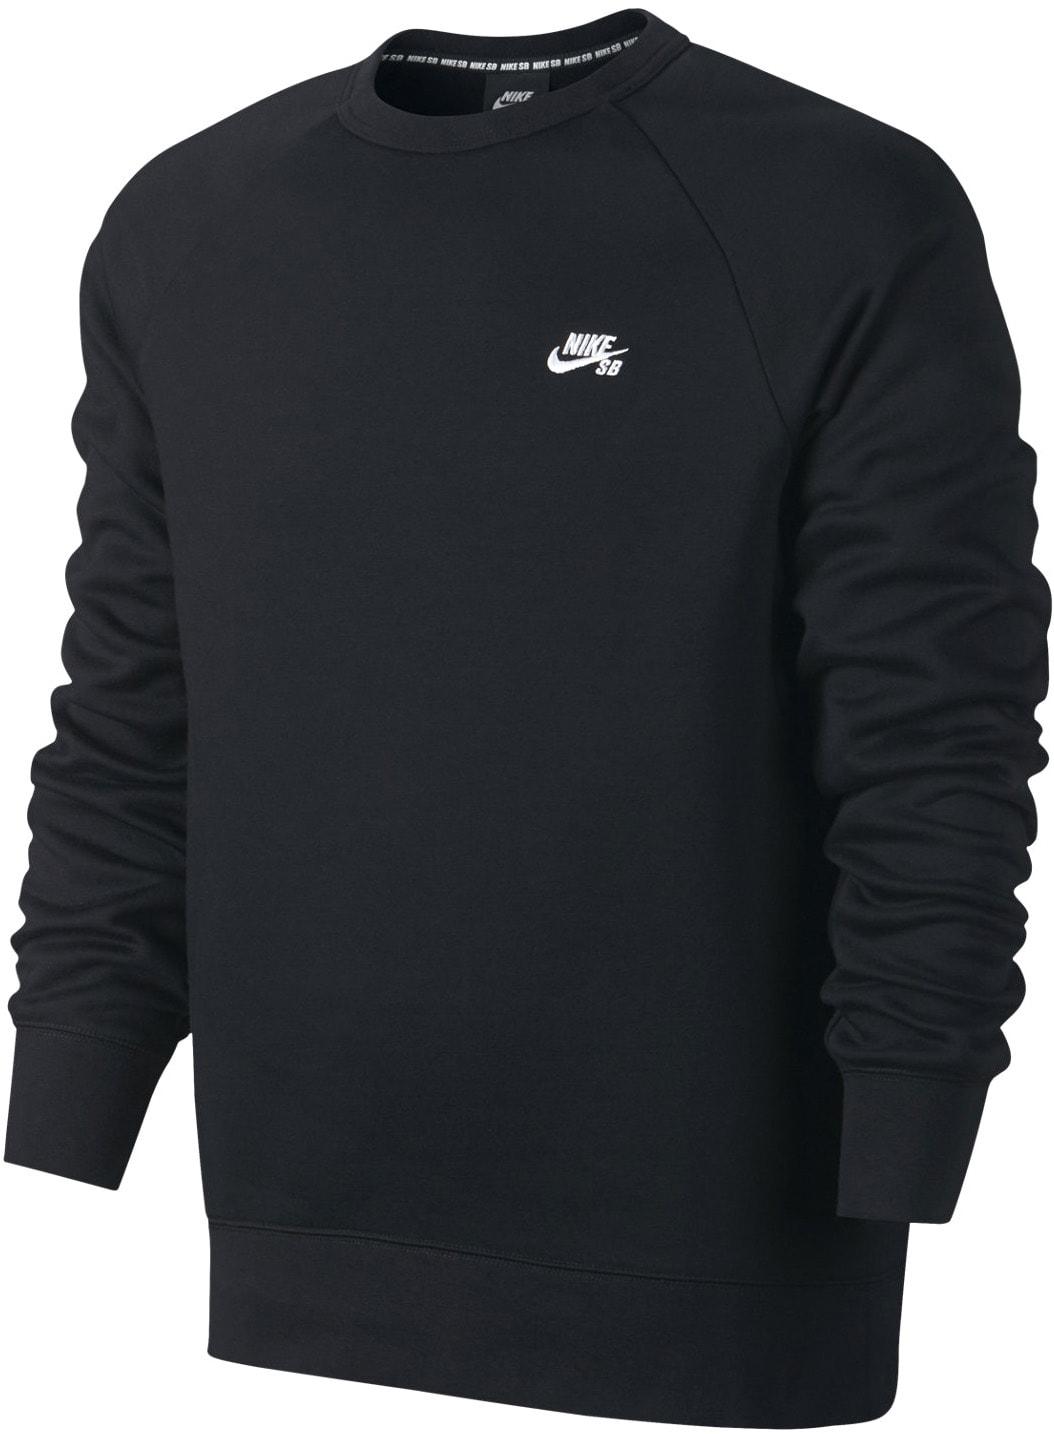 Nike SB Icon Crew Sweatshirt nk3icc04bw16zz-nike-sweatshirts